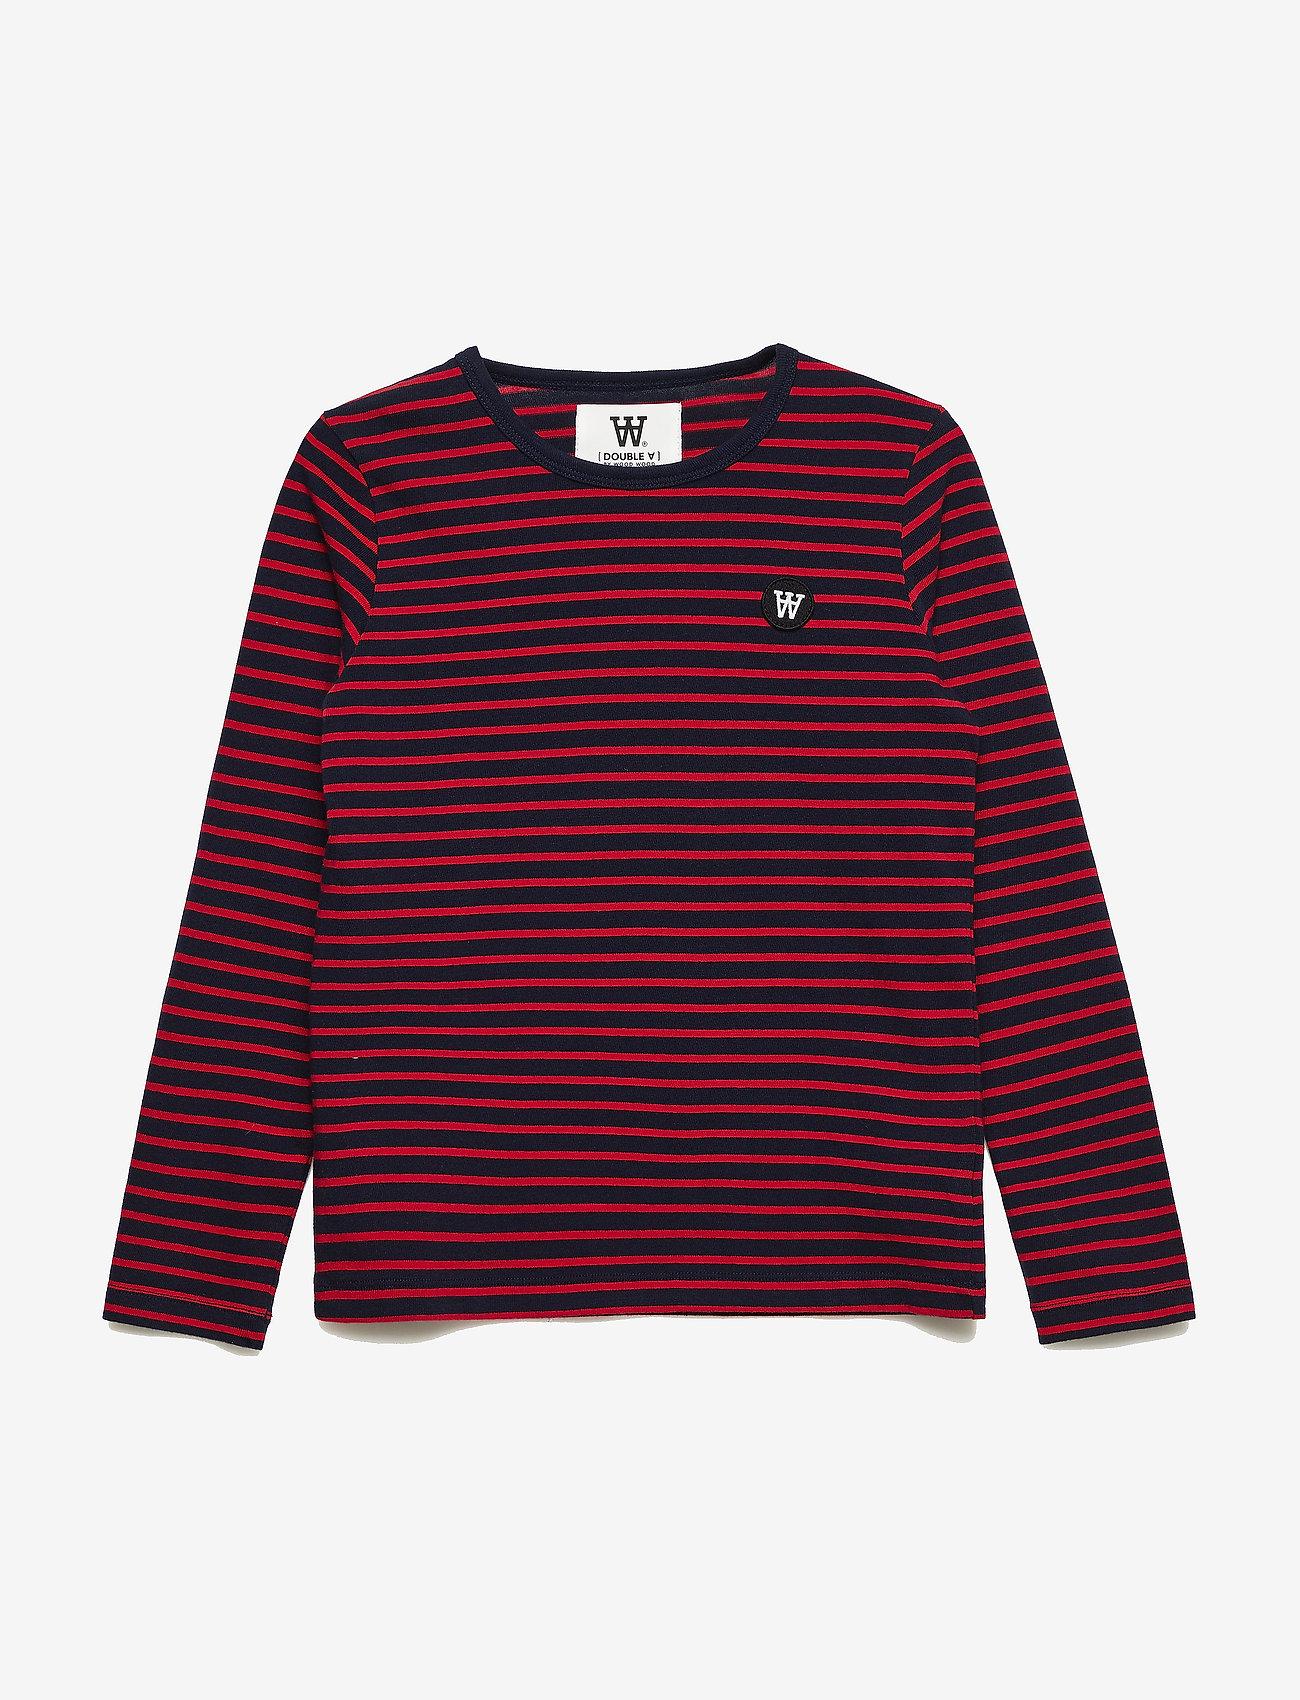 Wood Wood - Kim kids long sleeve - langärmelige - navy/red stripes - 0